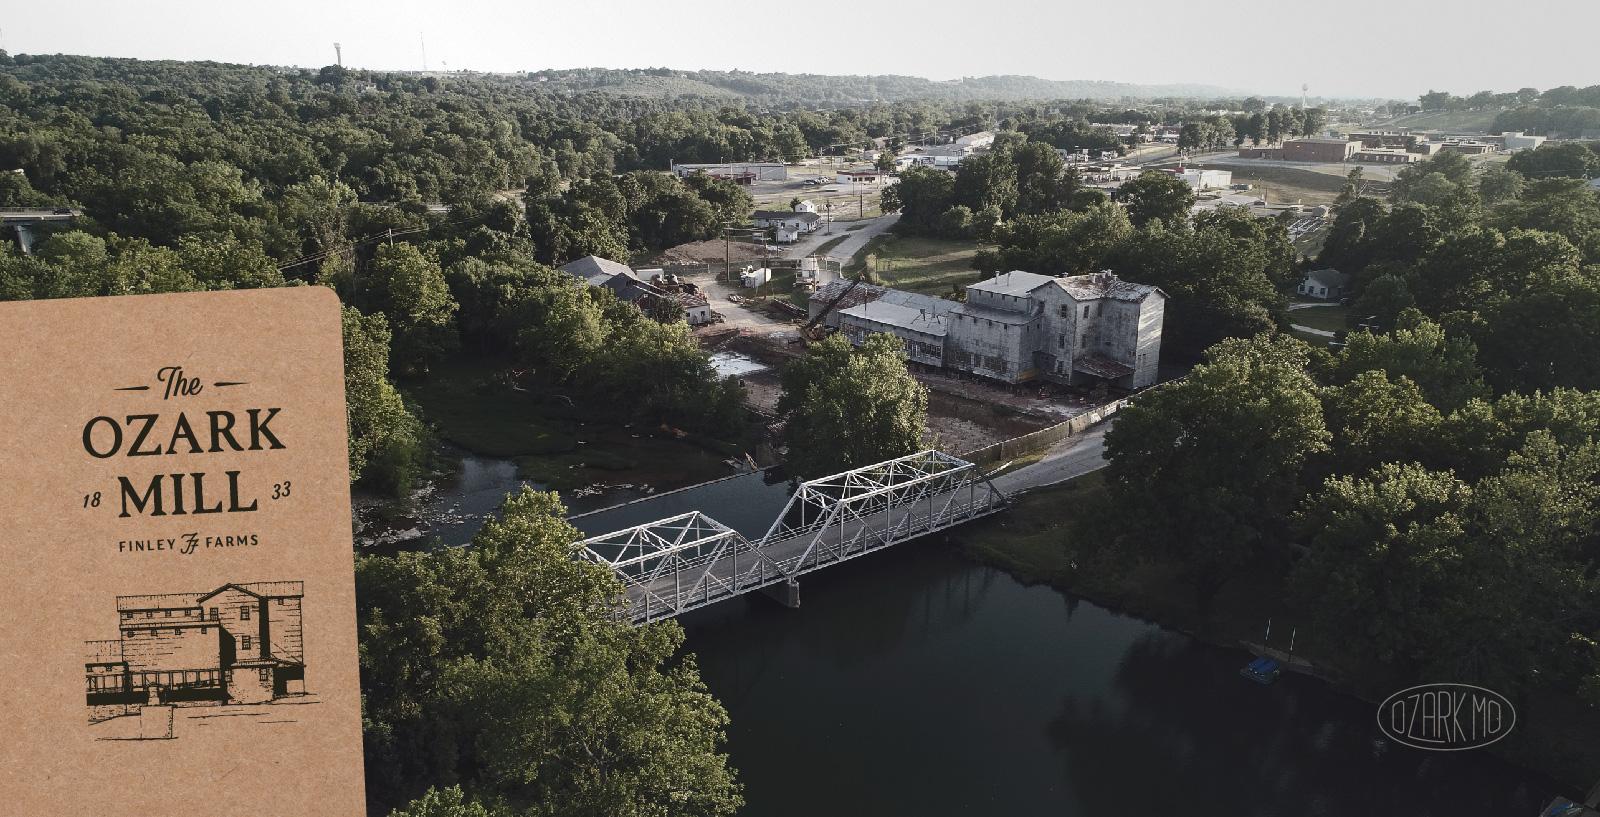 finley-farm-ozark-mill